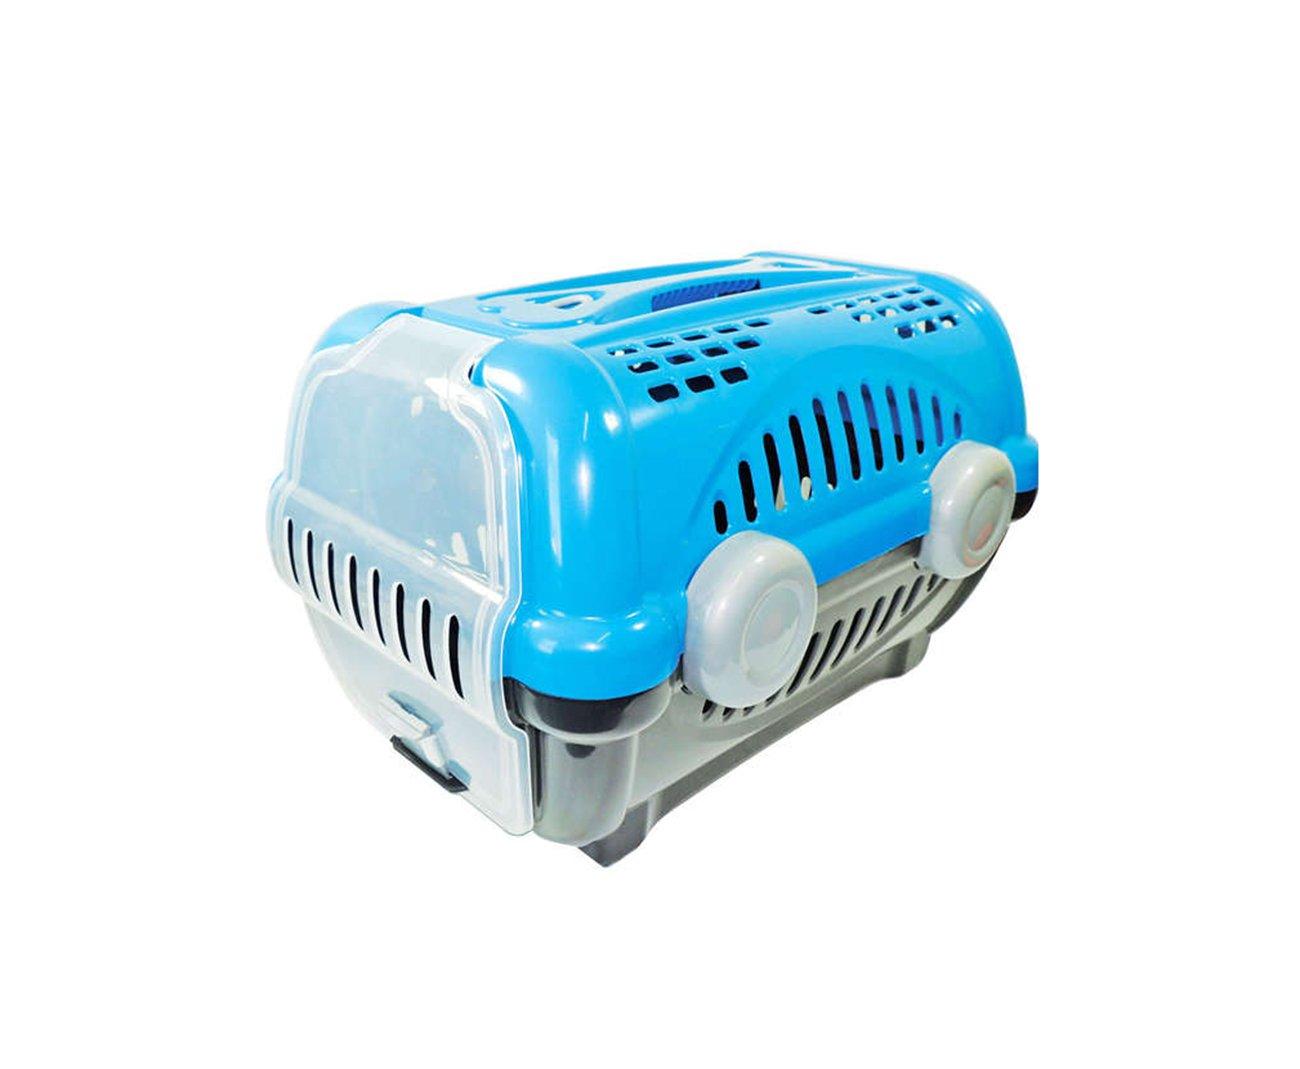 Caixa De Transporte Luxo N1 - Azul - Furacãopet